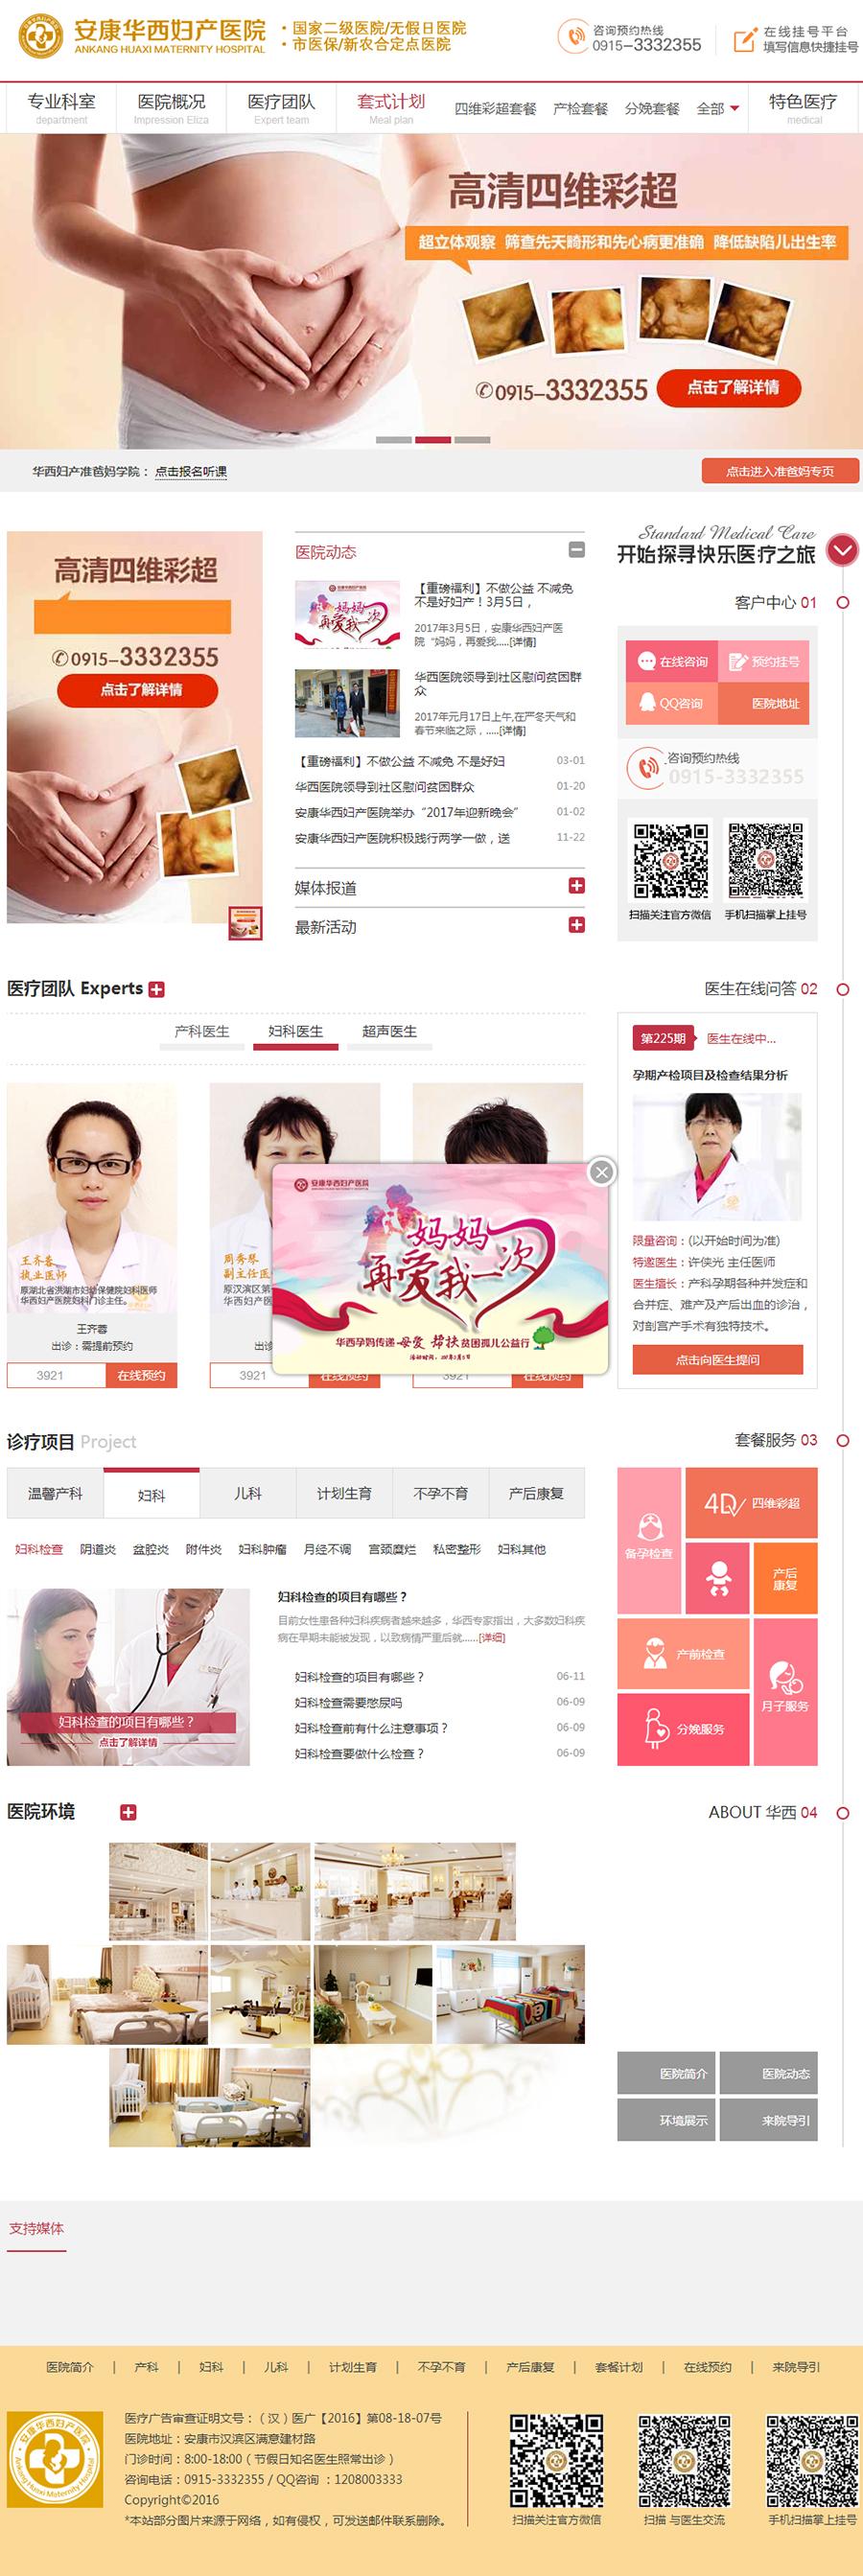 15安康华西妇产医院.jpg